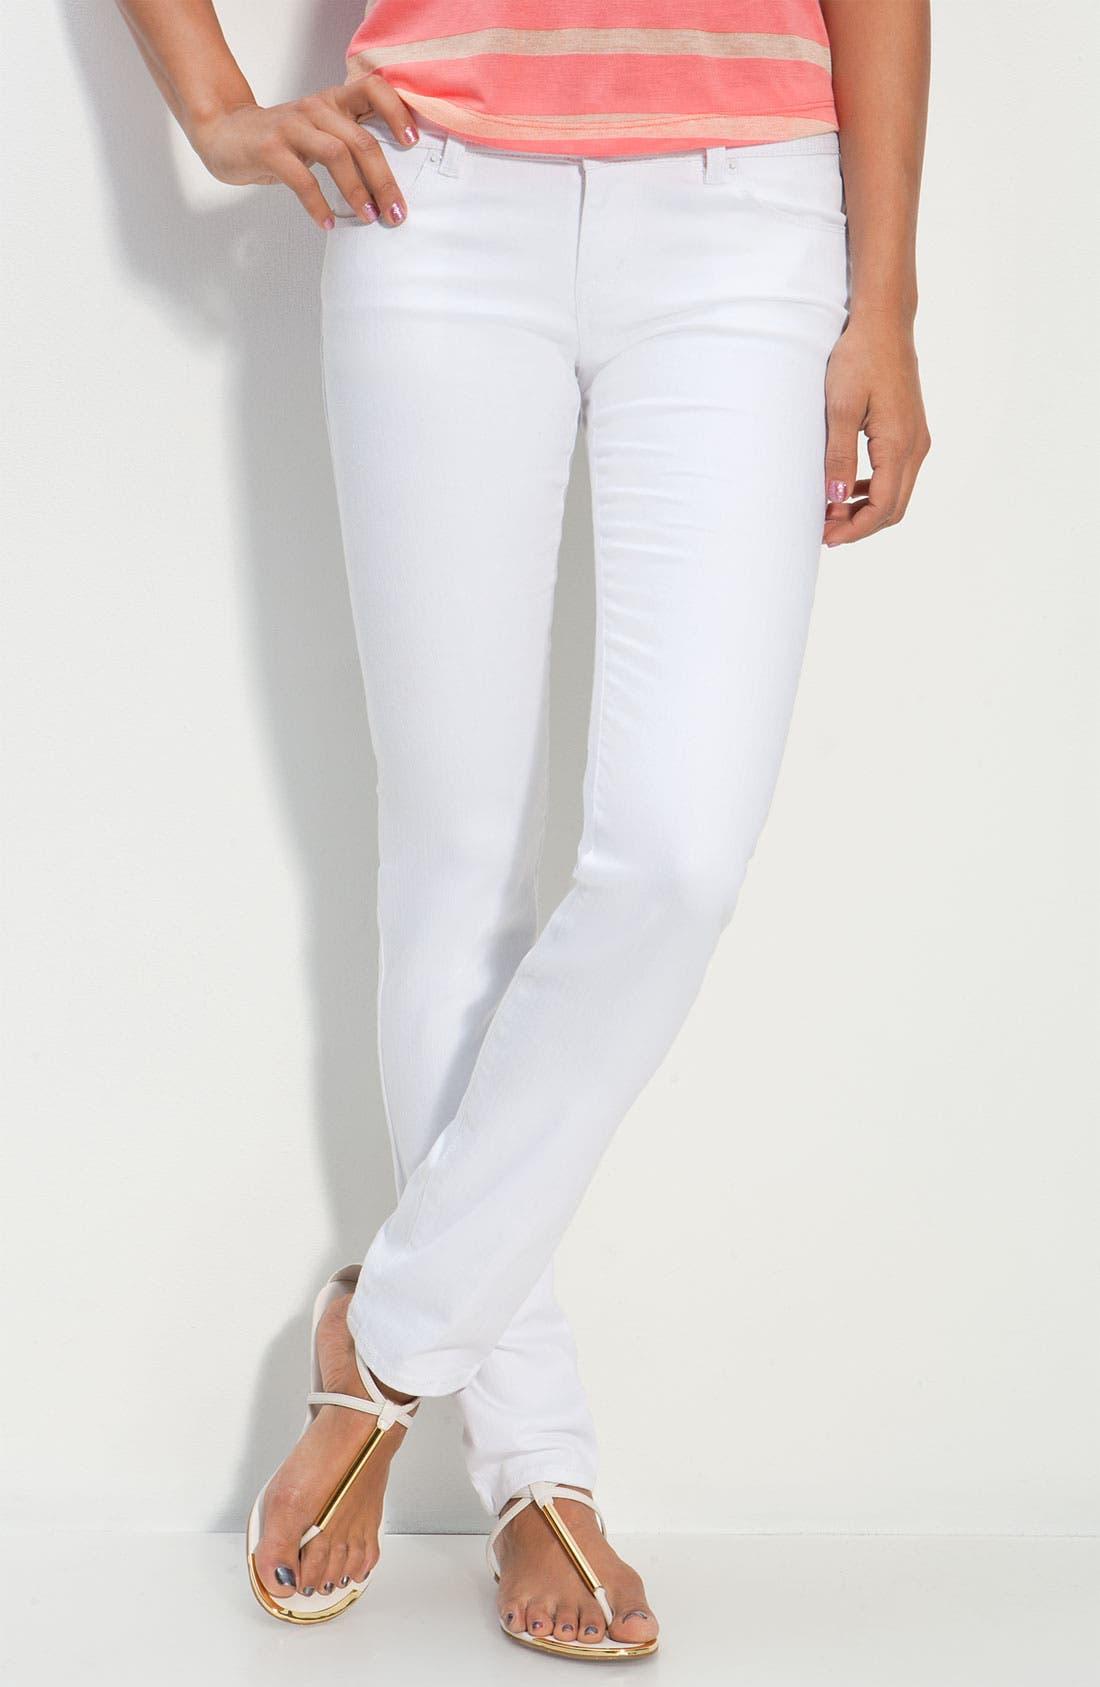 Alternate Image 2  - S.O.N.G. Skinny Leg Jeans (Crystal White Wash) (Juniors)